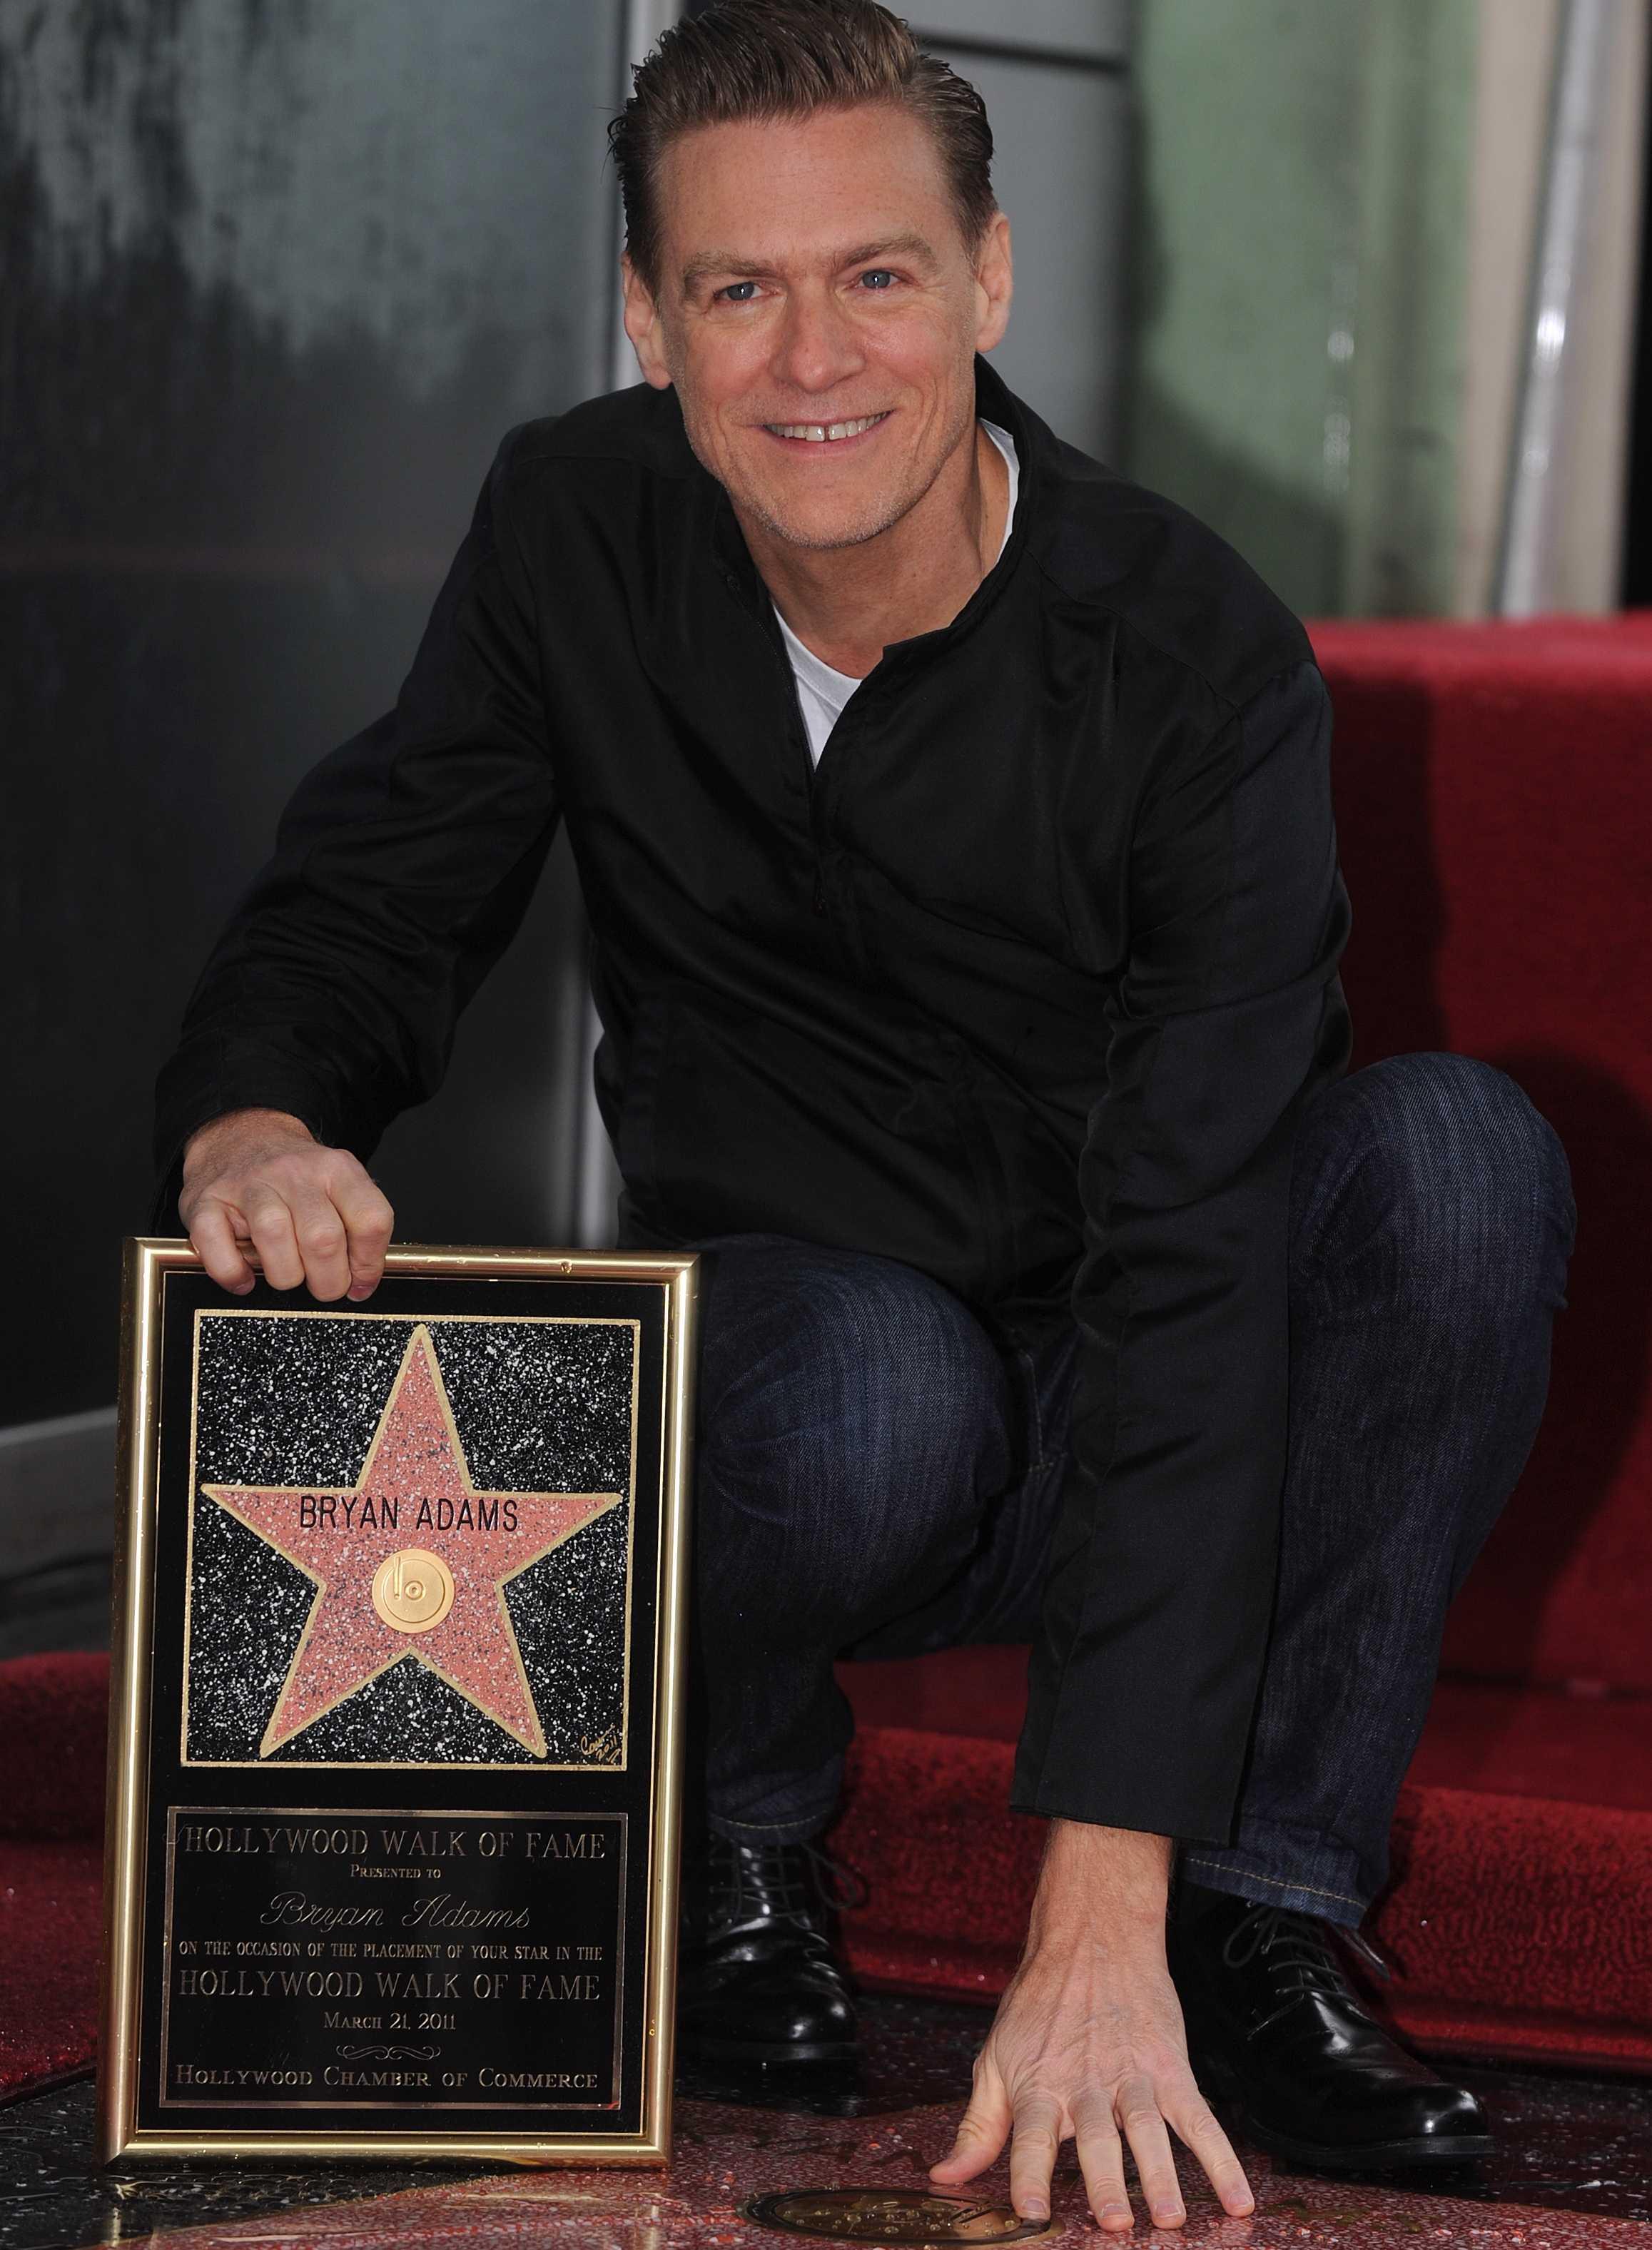 Bryan Adams Awards